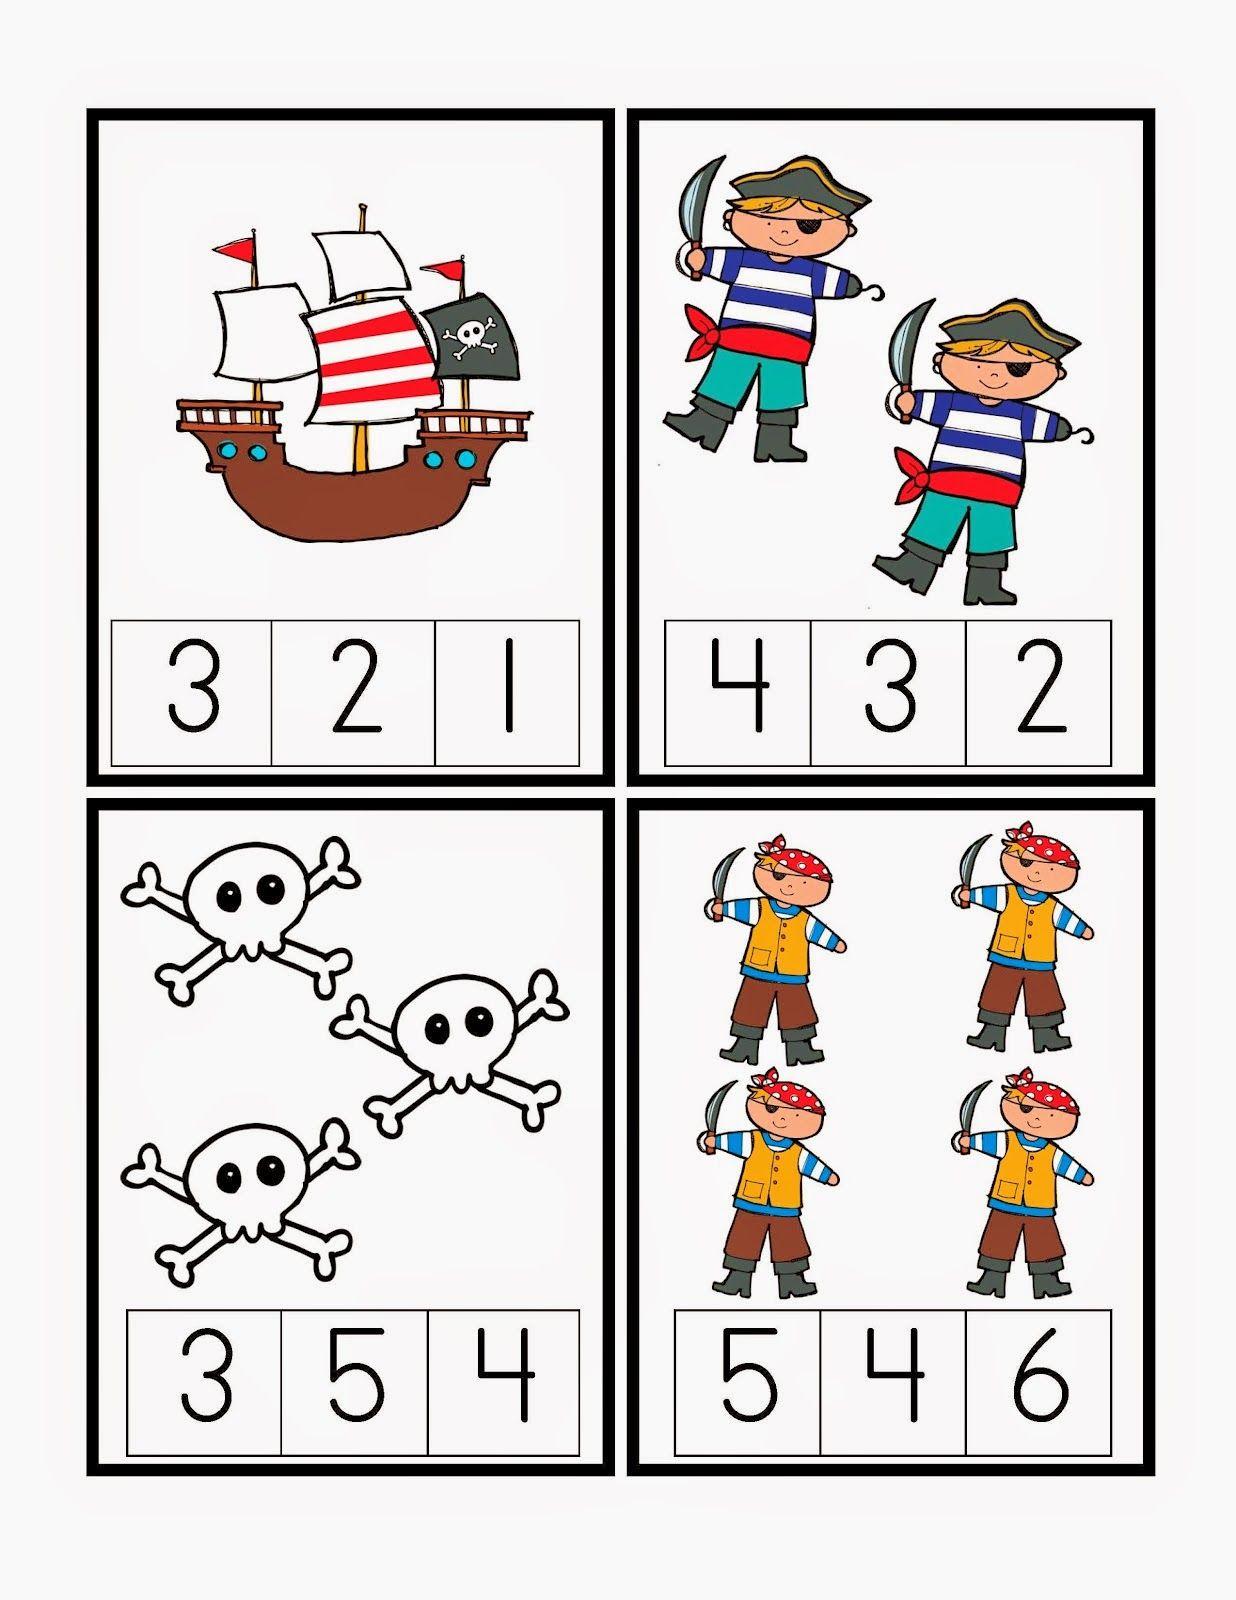 Aprender brincando projeto piratas para educa o - Pirata colorazione pirata stampabili ...